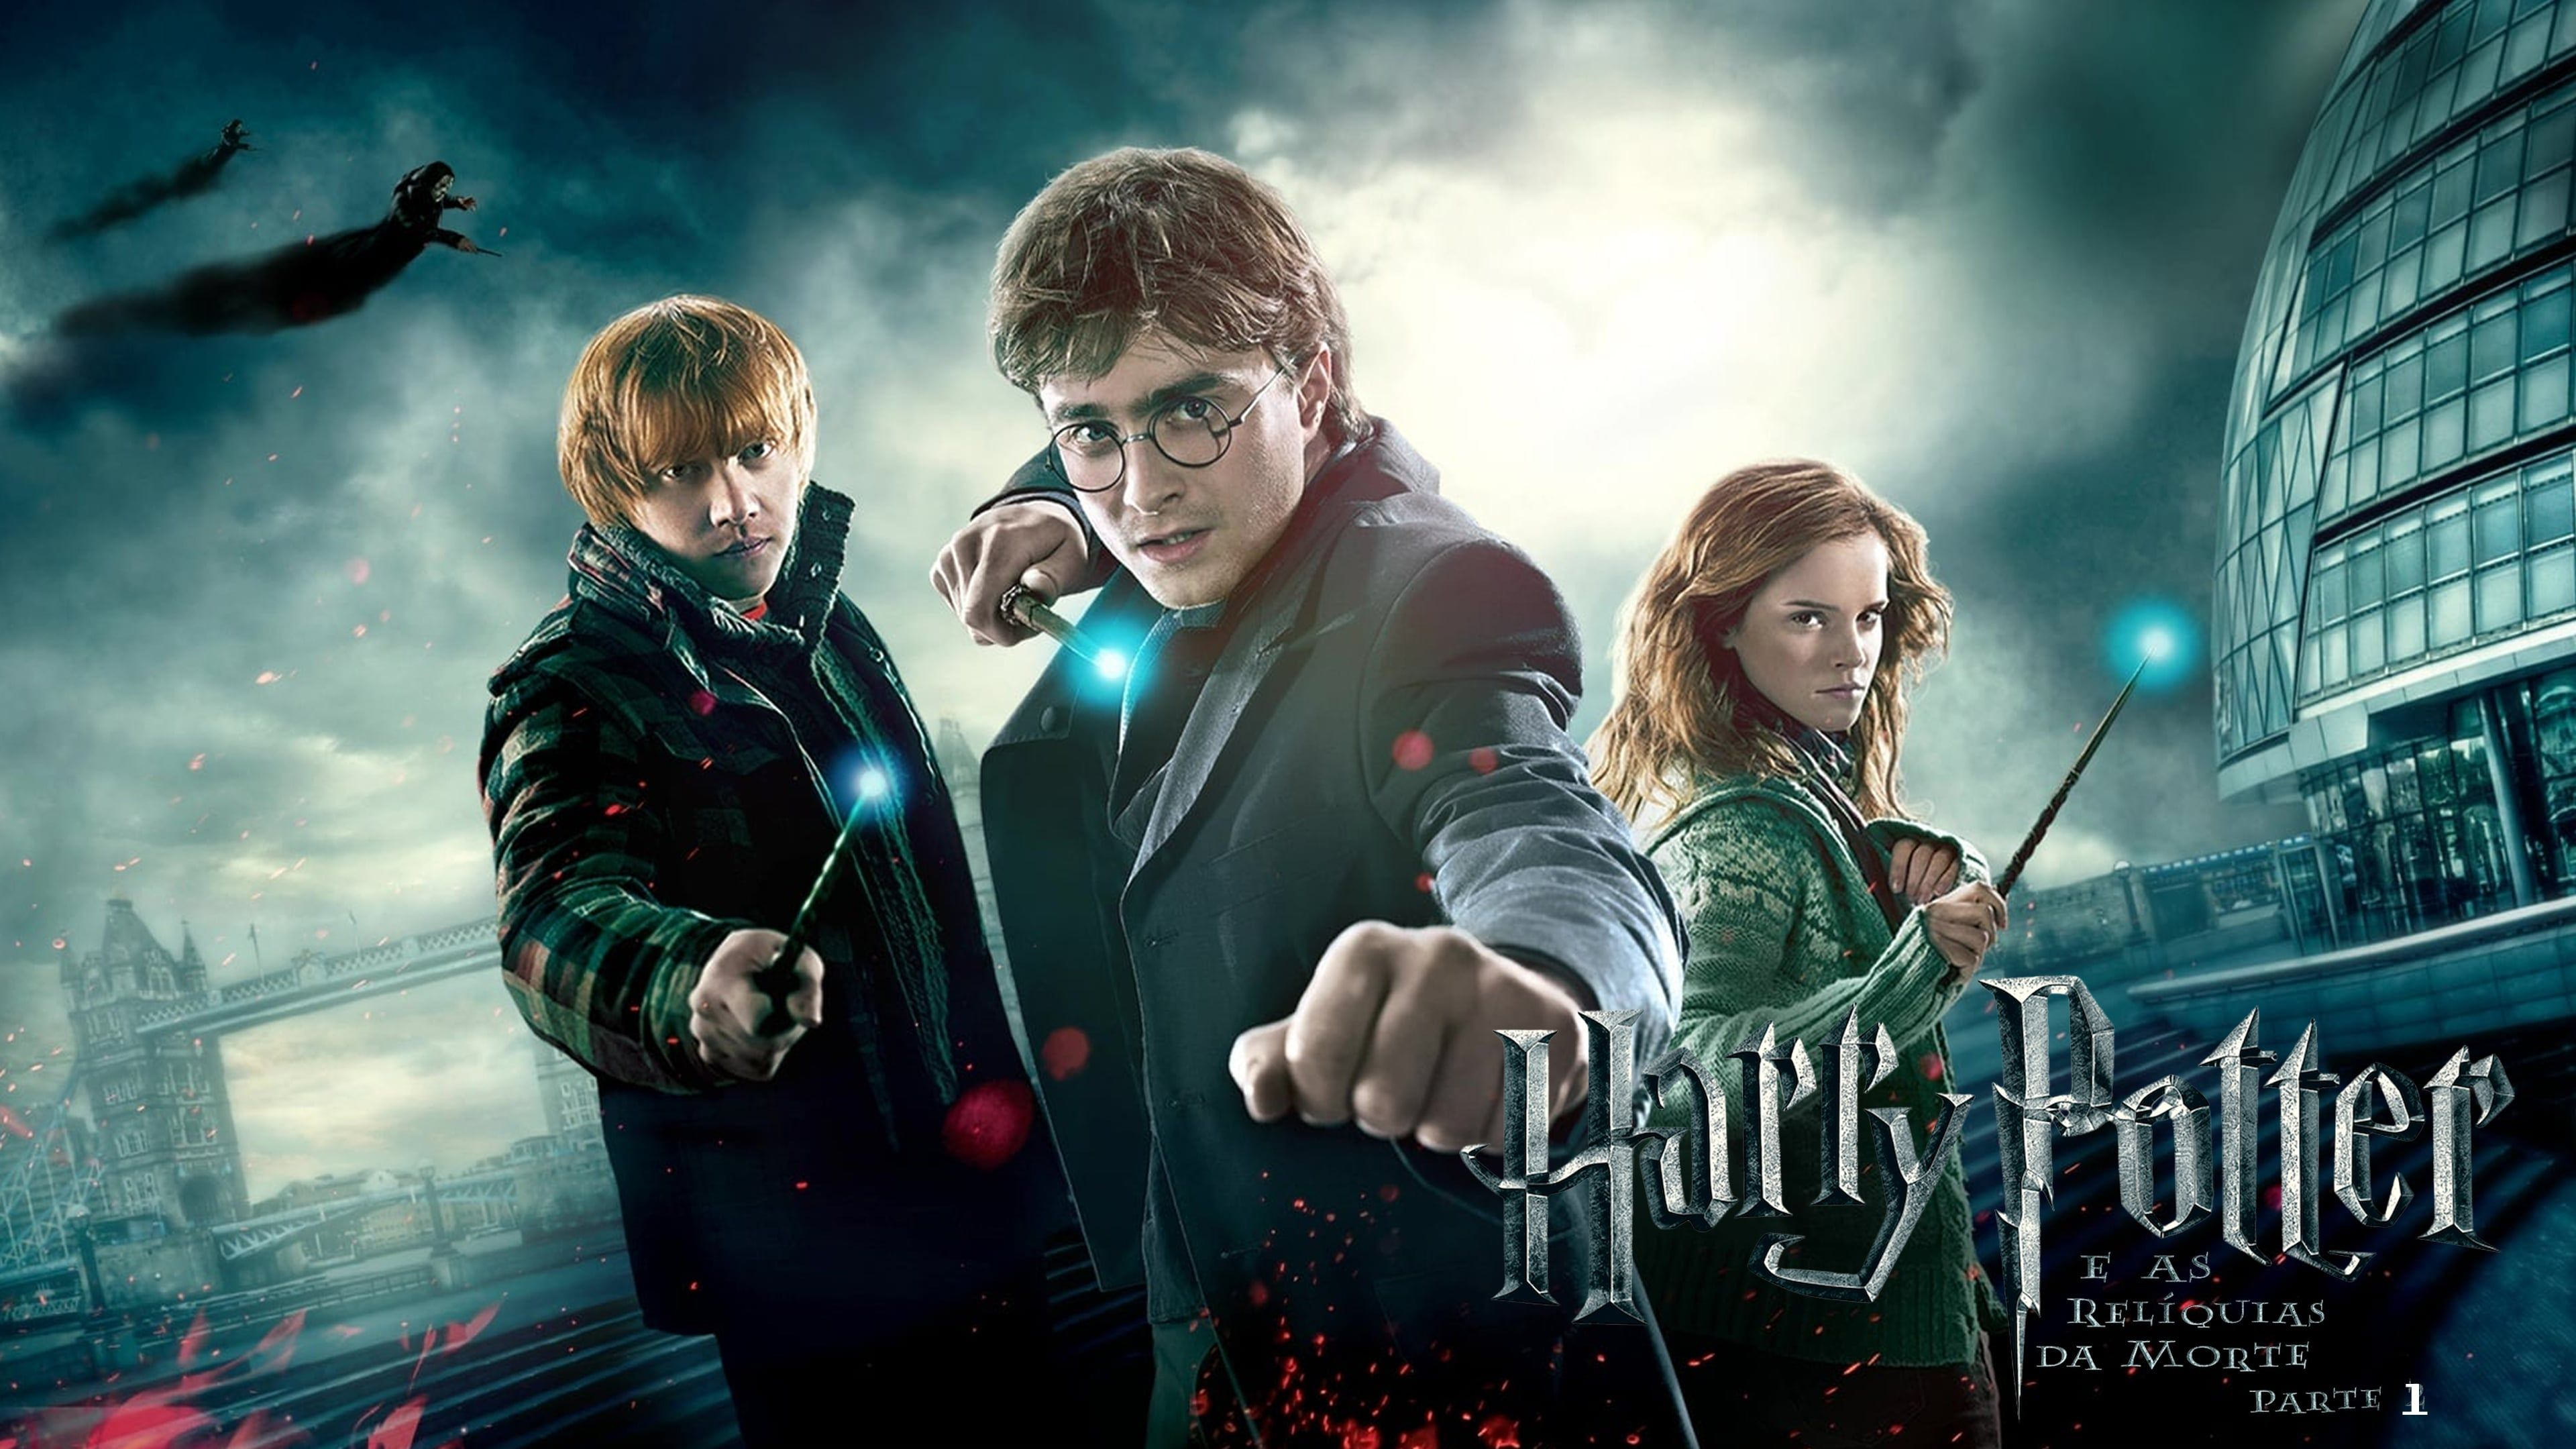 Primera Parte De La Adaptacion Al Cine Del Ultimo Libro De La Saga Harry Potter Harry Potter Y Las R In 2020 Harry Potter Harry Potter Movie Posters Ron And Hermione